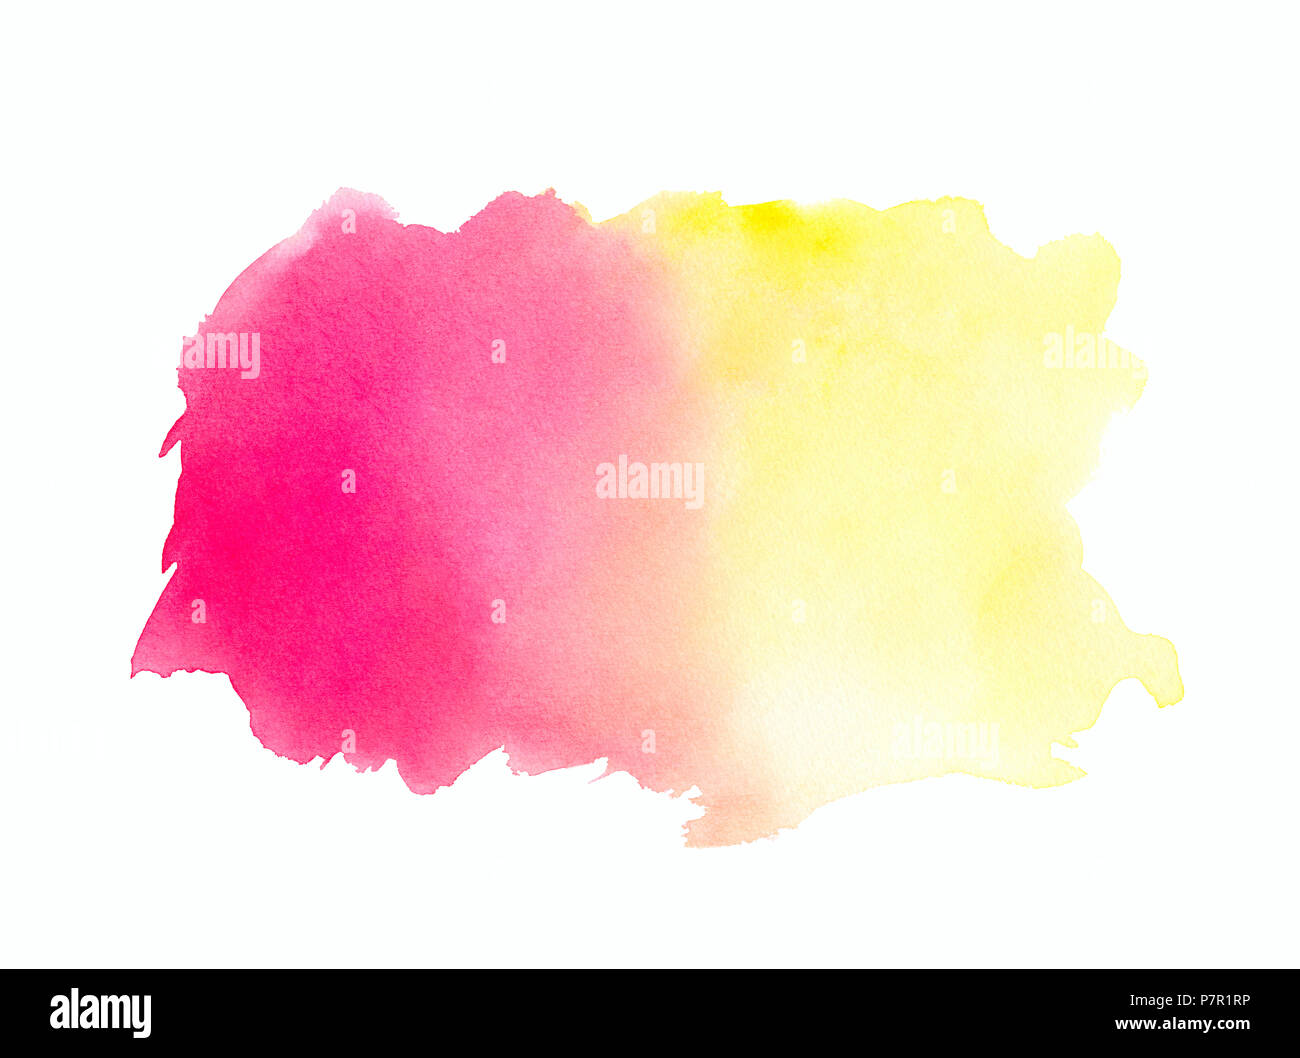 Abstract Rosa Rosso Giallo Acquerello Su Sfondo Biancoil Colore